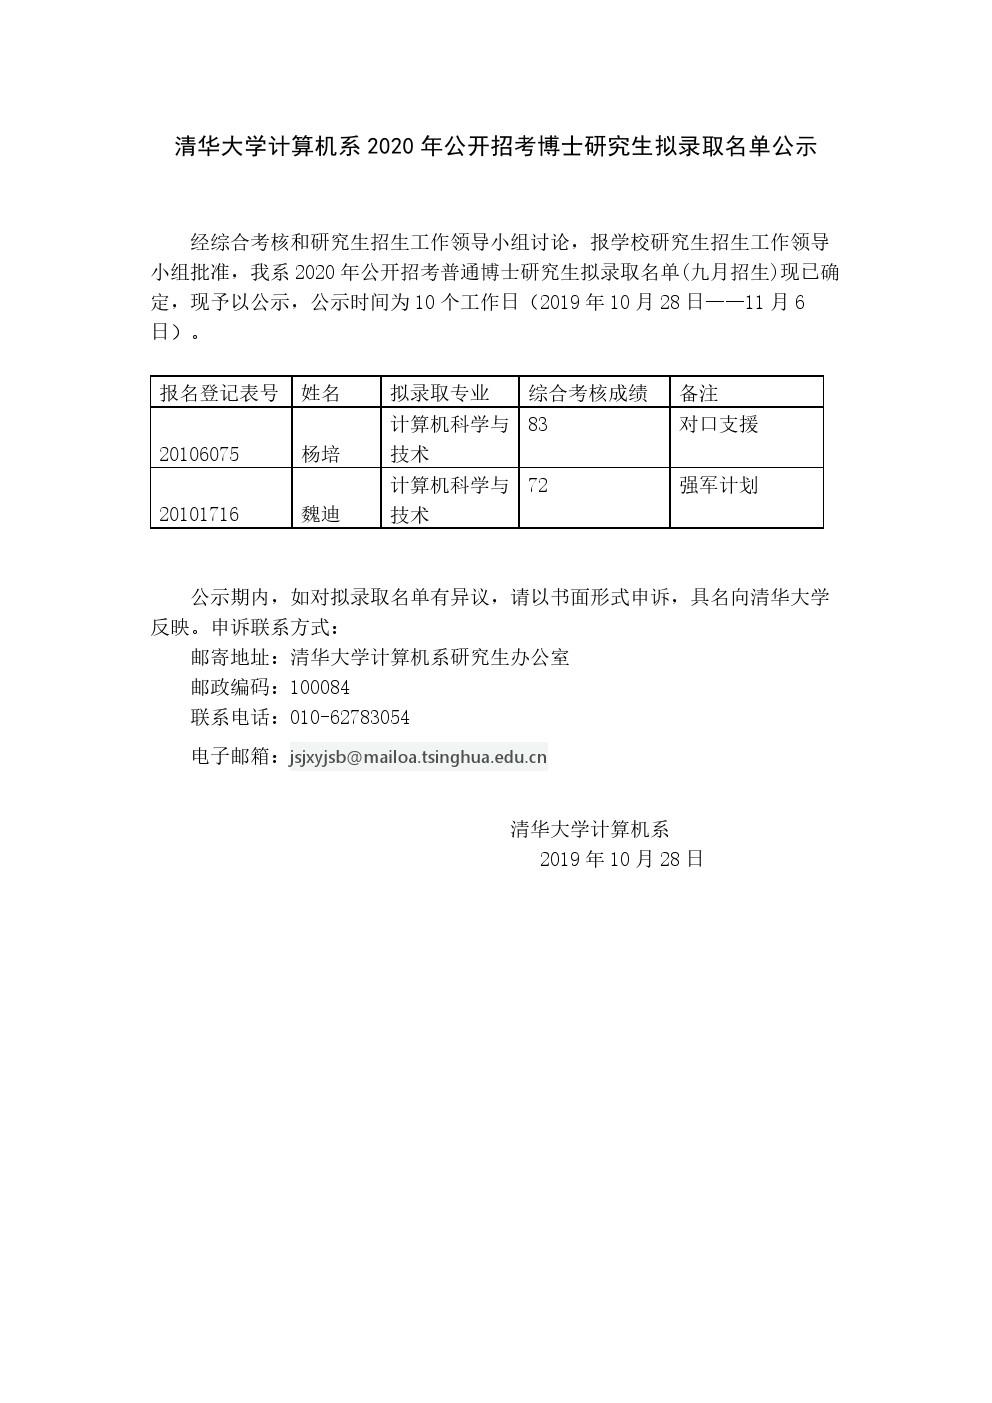 清华大学2020年计算机系博士研究生(硕士)拟录取名单